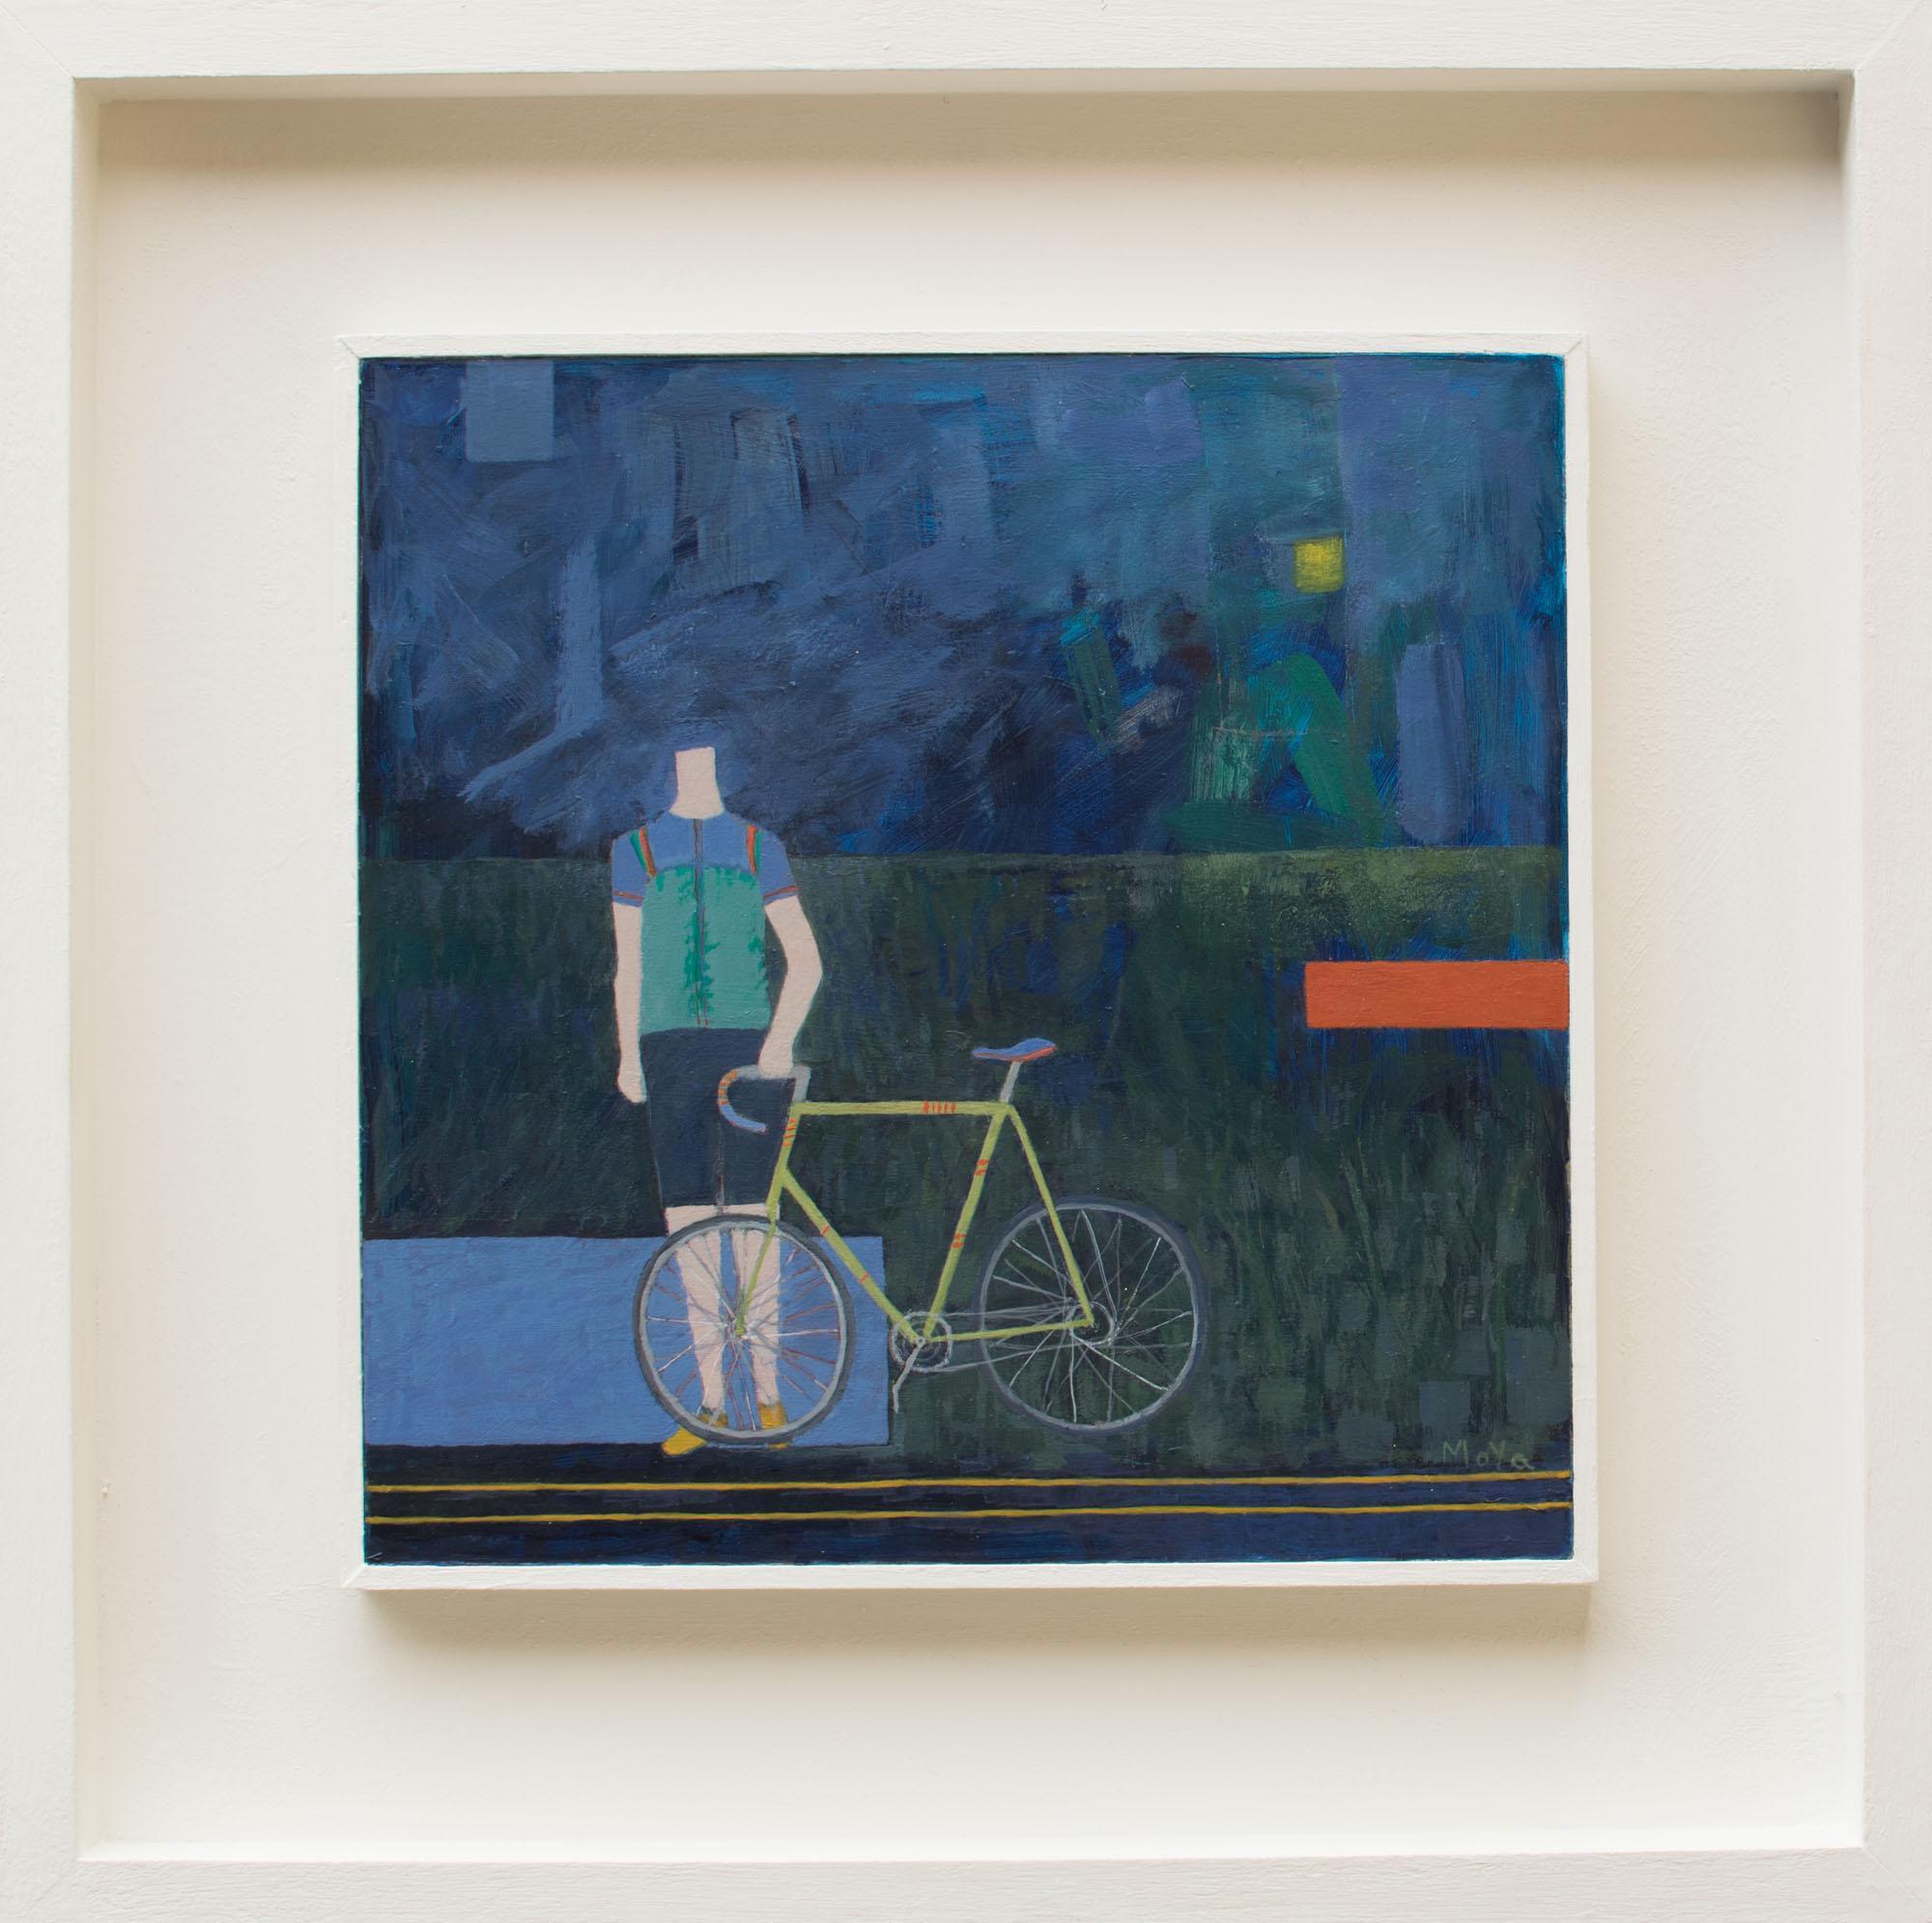 The Racer  acrylic on board  49 x 49 cm framed  £395